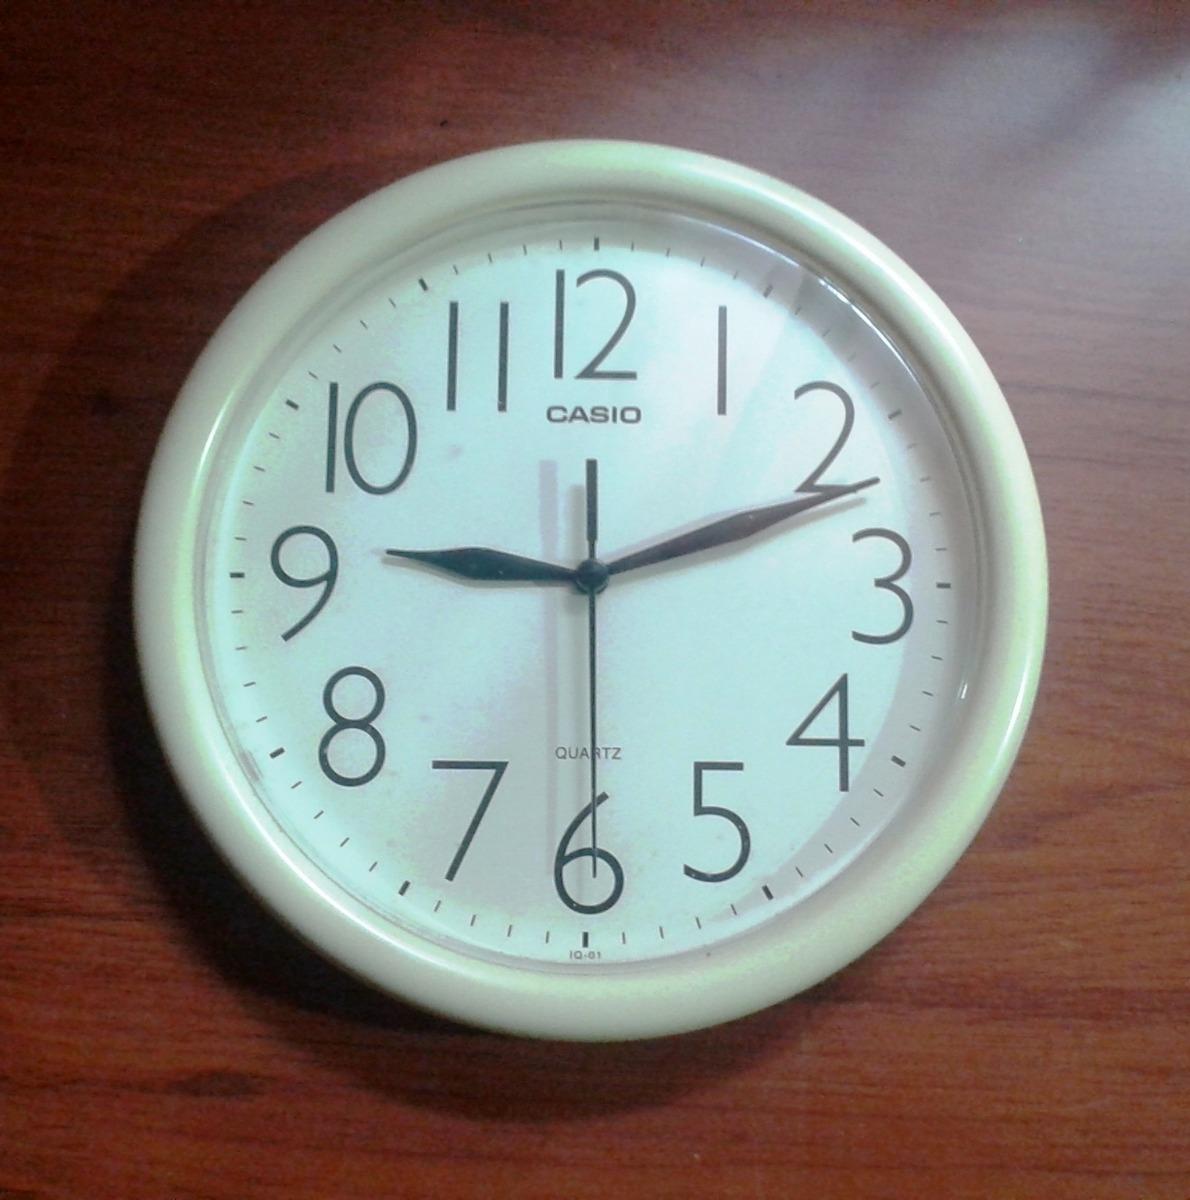 Reloj Casio Original Pared Original De De Pared Reloj Reloj Casio IYfgyb76mv